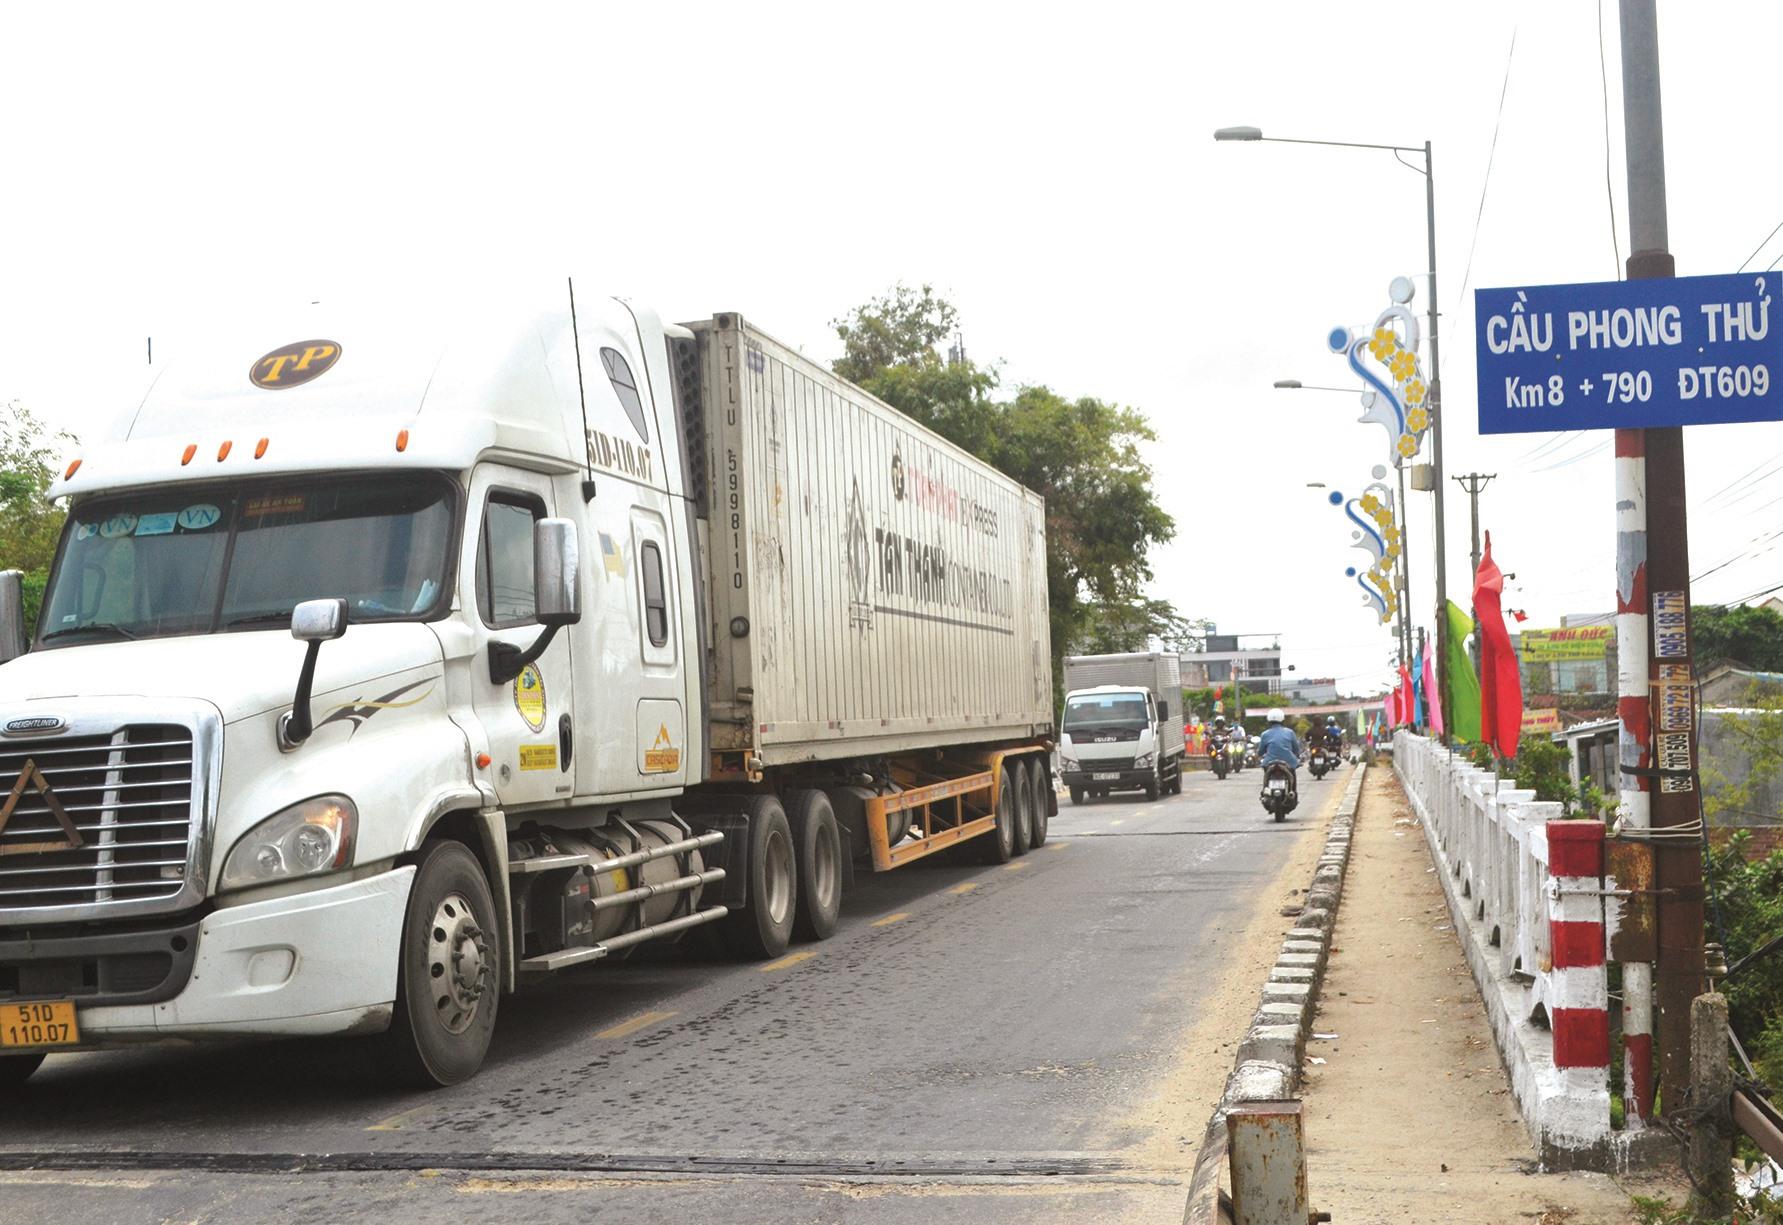 Xe tải trọng lớn chạy trên cầu Phong Thử chỉ rộng hơn 6m để lên cao tốc. Ảnh: C.T